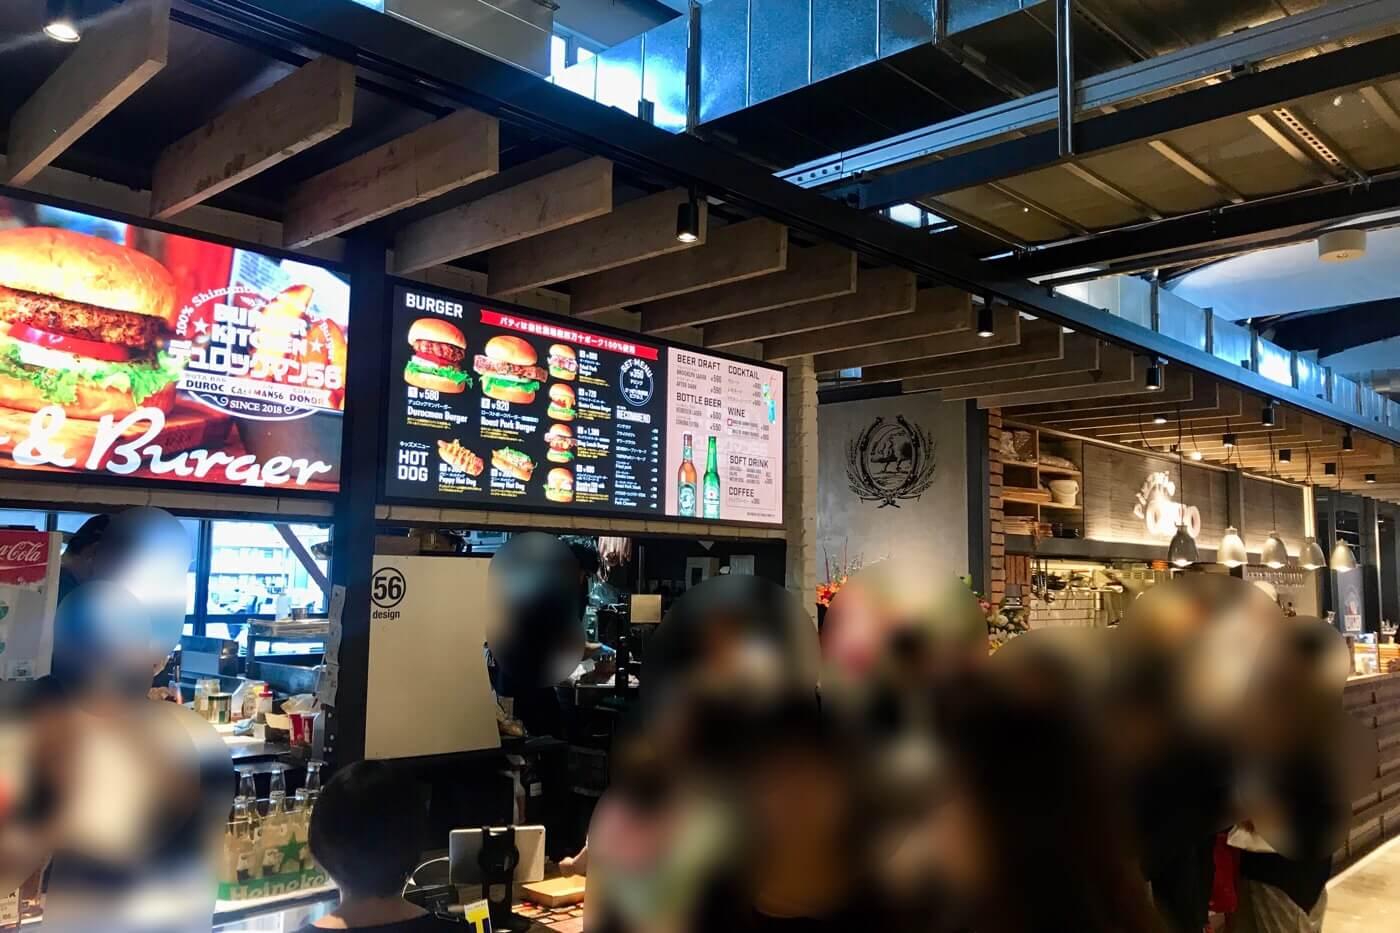 高知蔦屋書店 ハンバーガーレストラン デュロックマン56